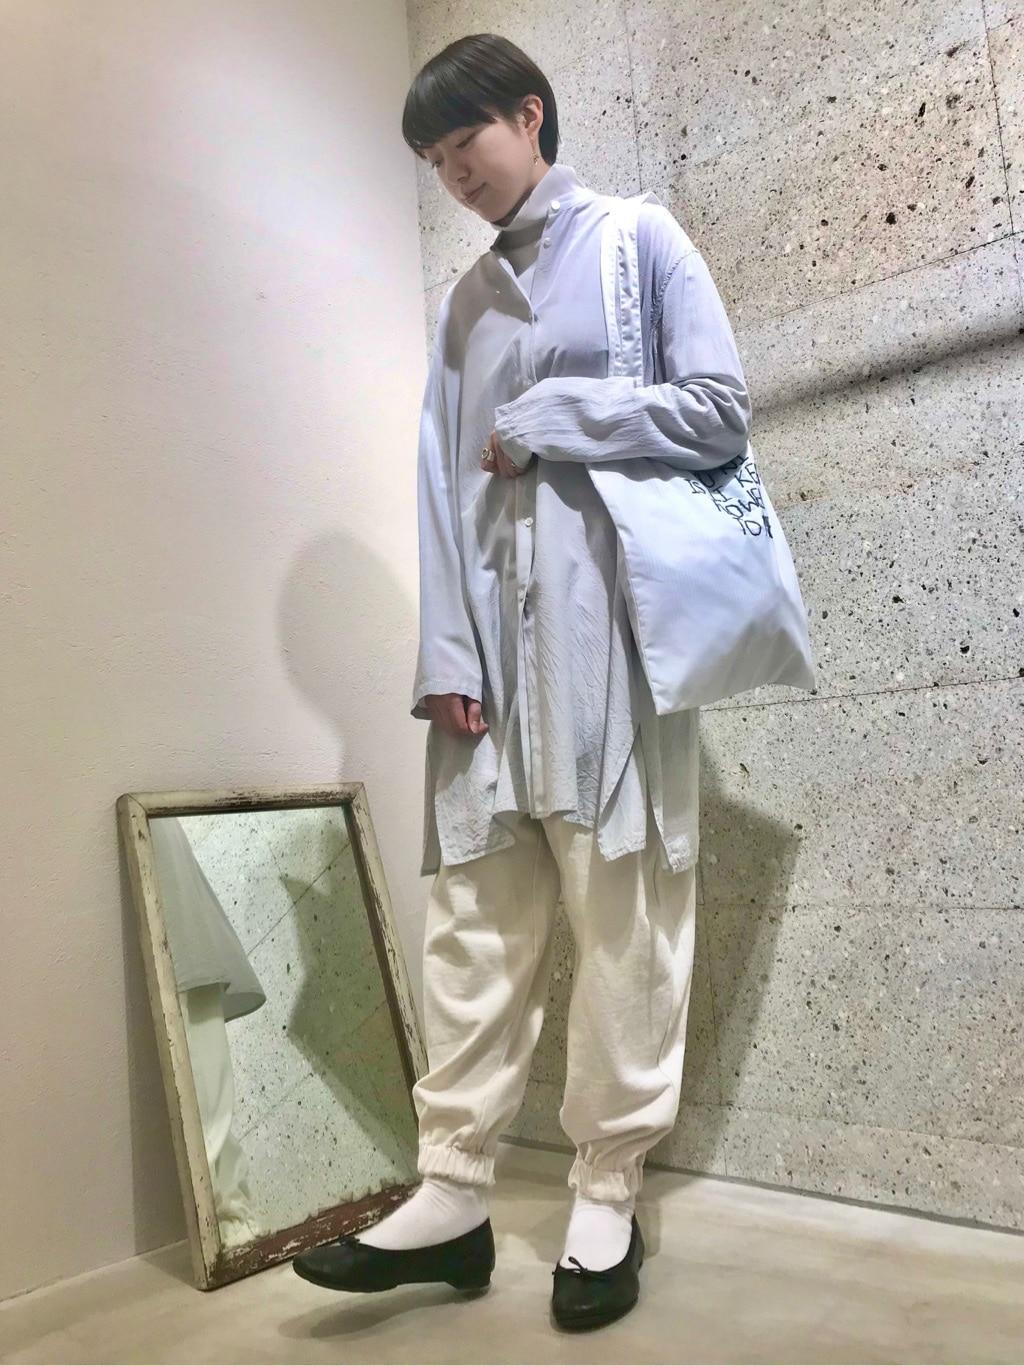 yuni ニュウマン横浜 身長:166cm 2021.01.21